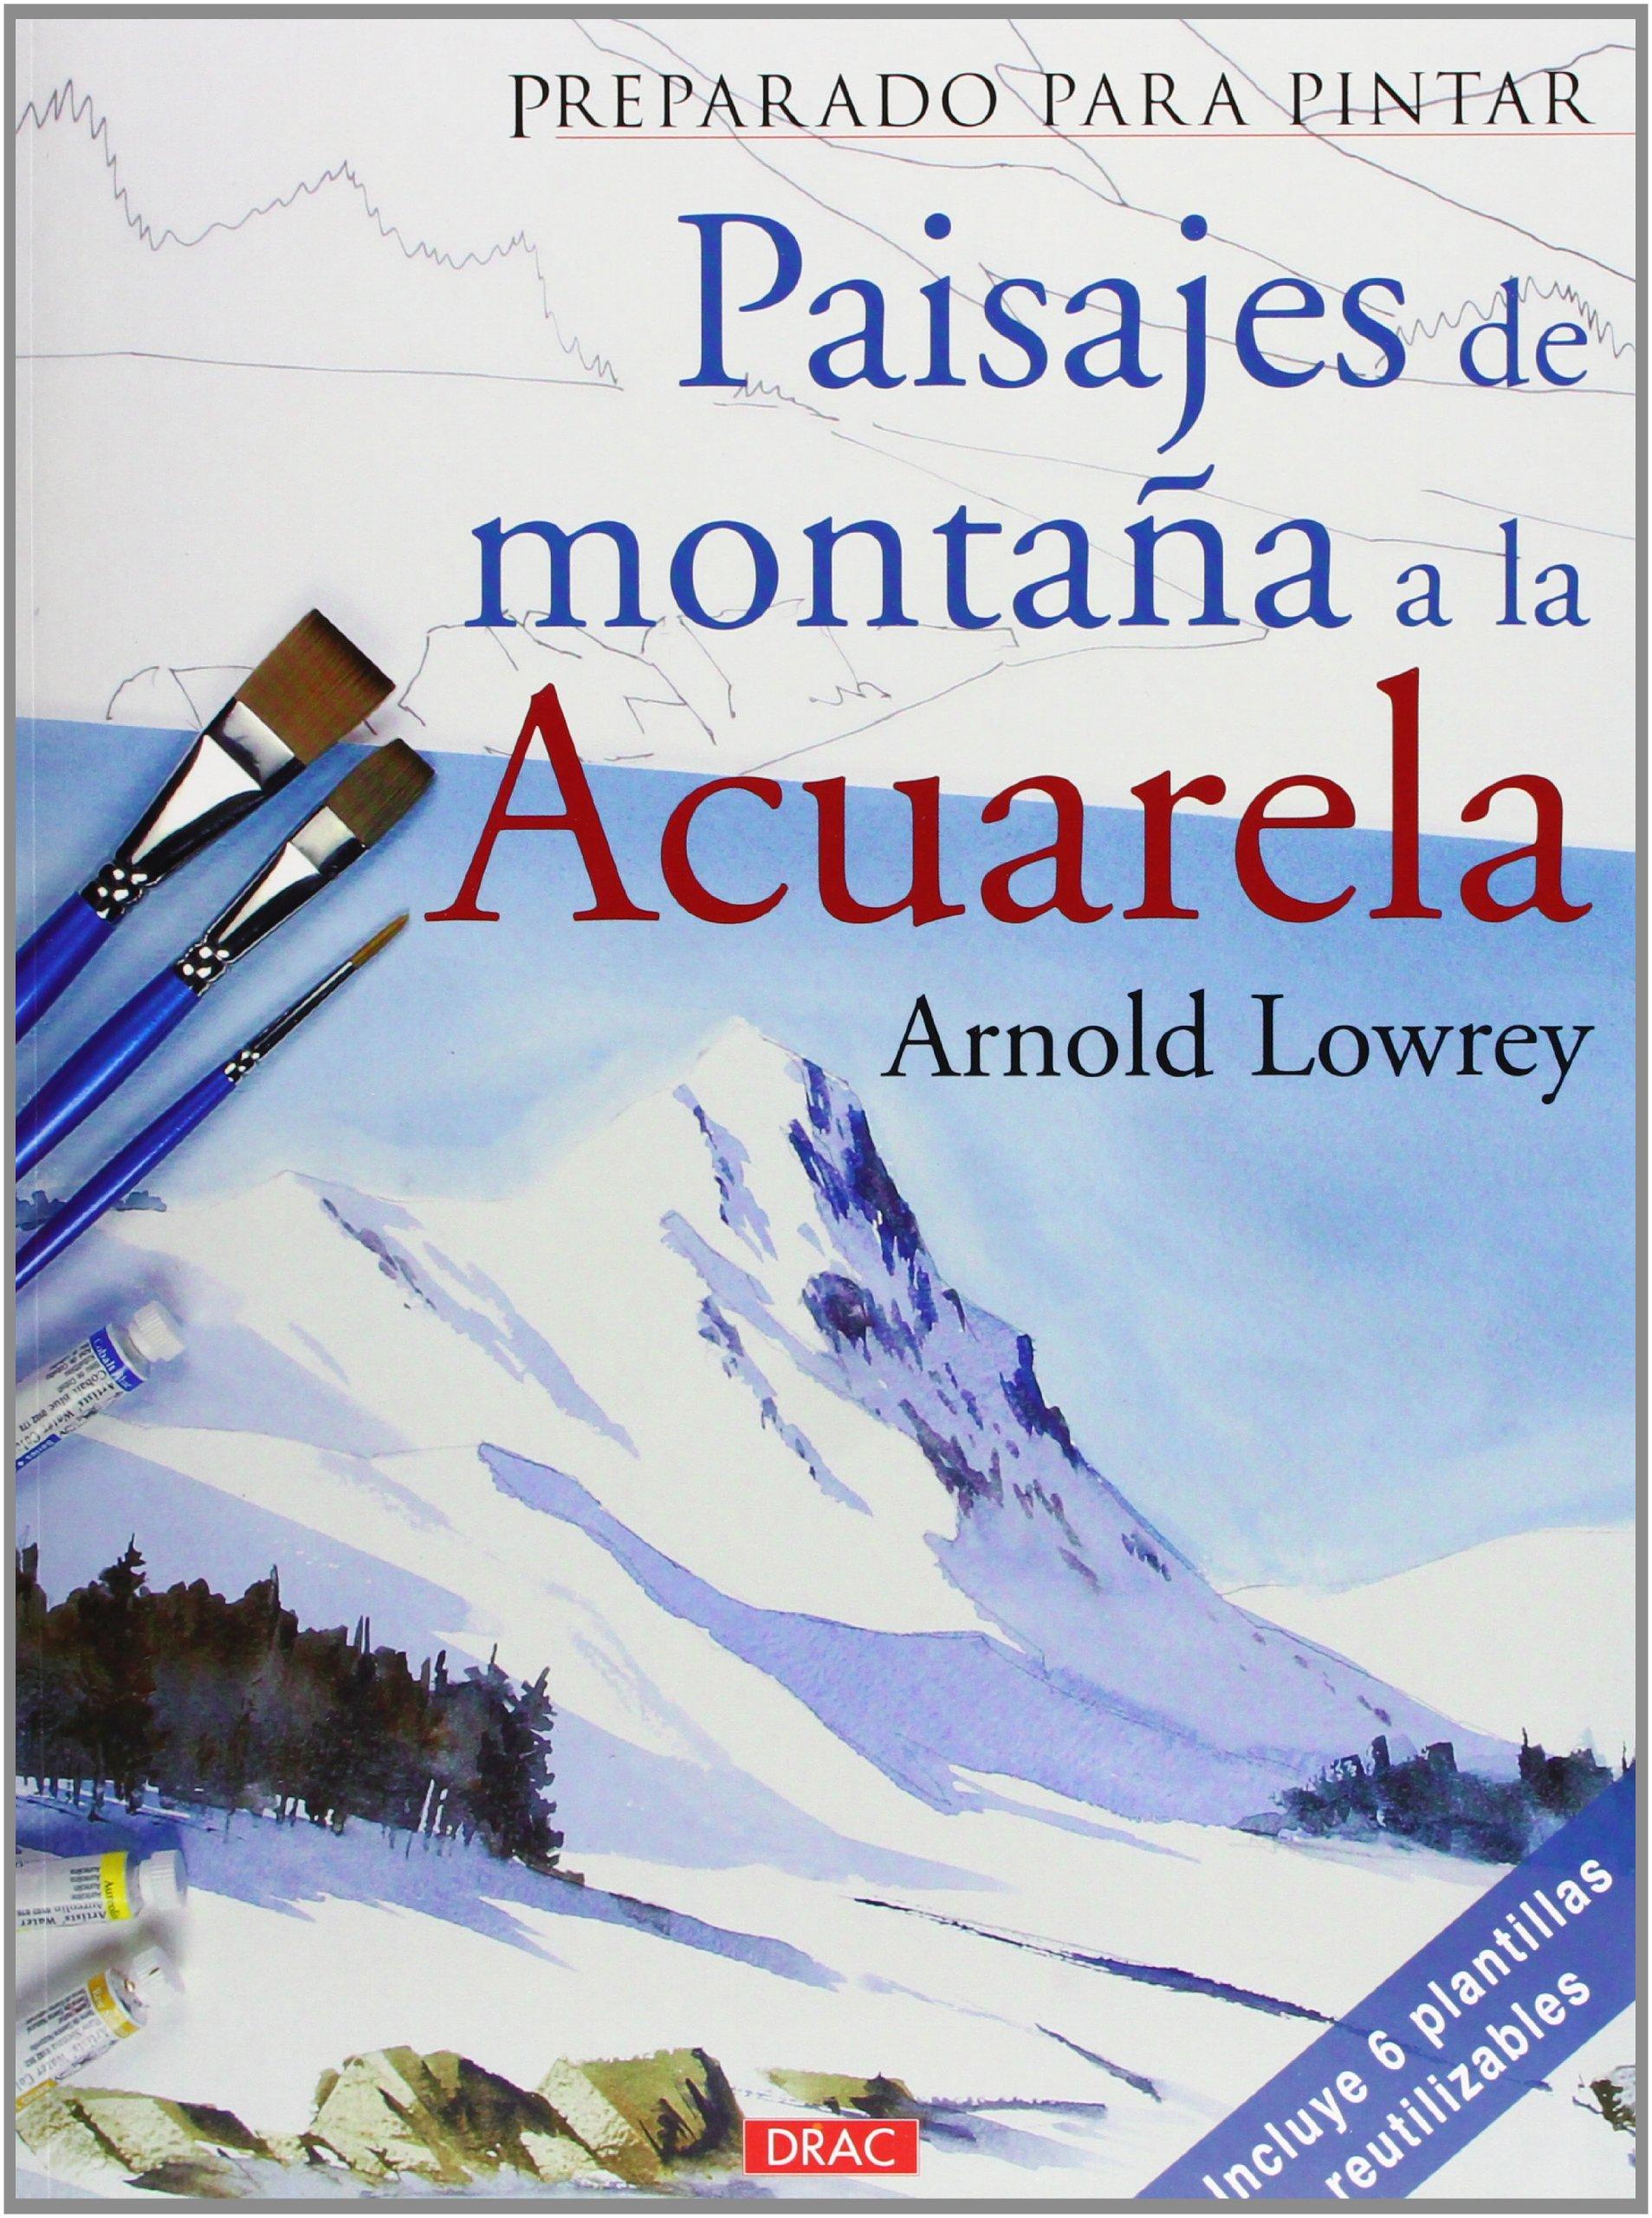 Preparado Para Pintar. Paisajes De Montaña A La Acuarela: Amazon.es ...